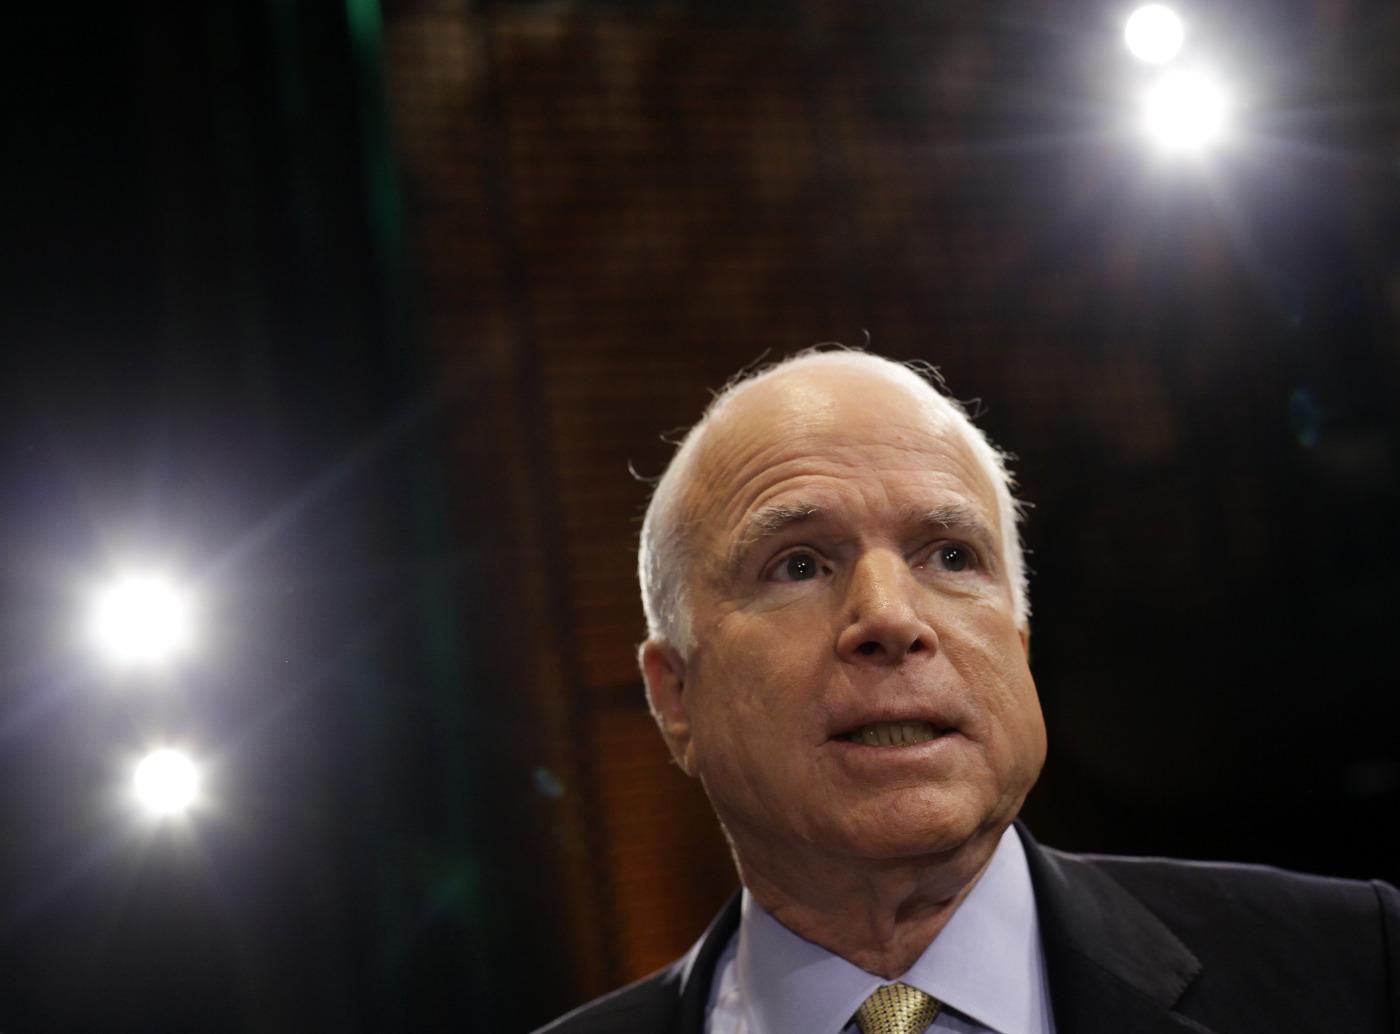 U.S. Senator John McCain (R-AZ) at a town hall event in Mesa, Arizona August 27, 2013.